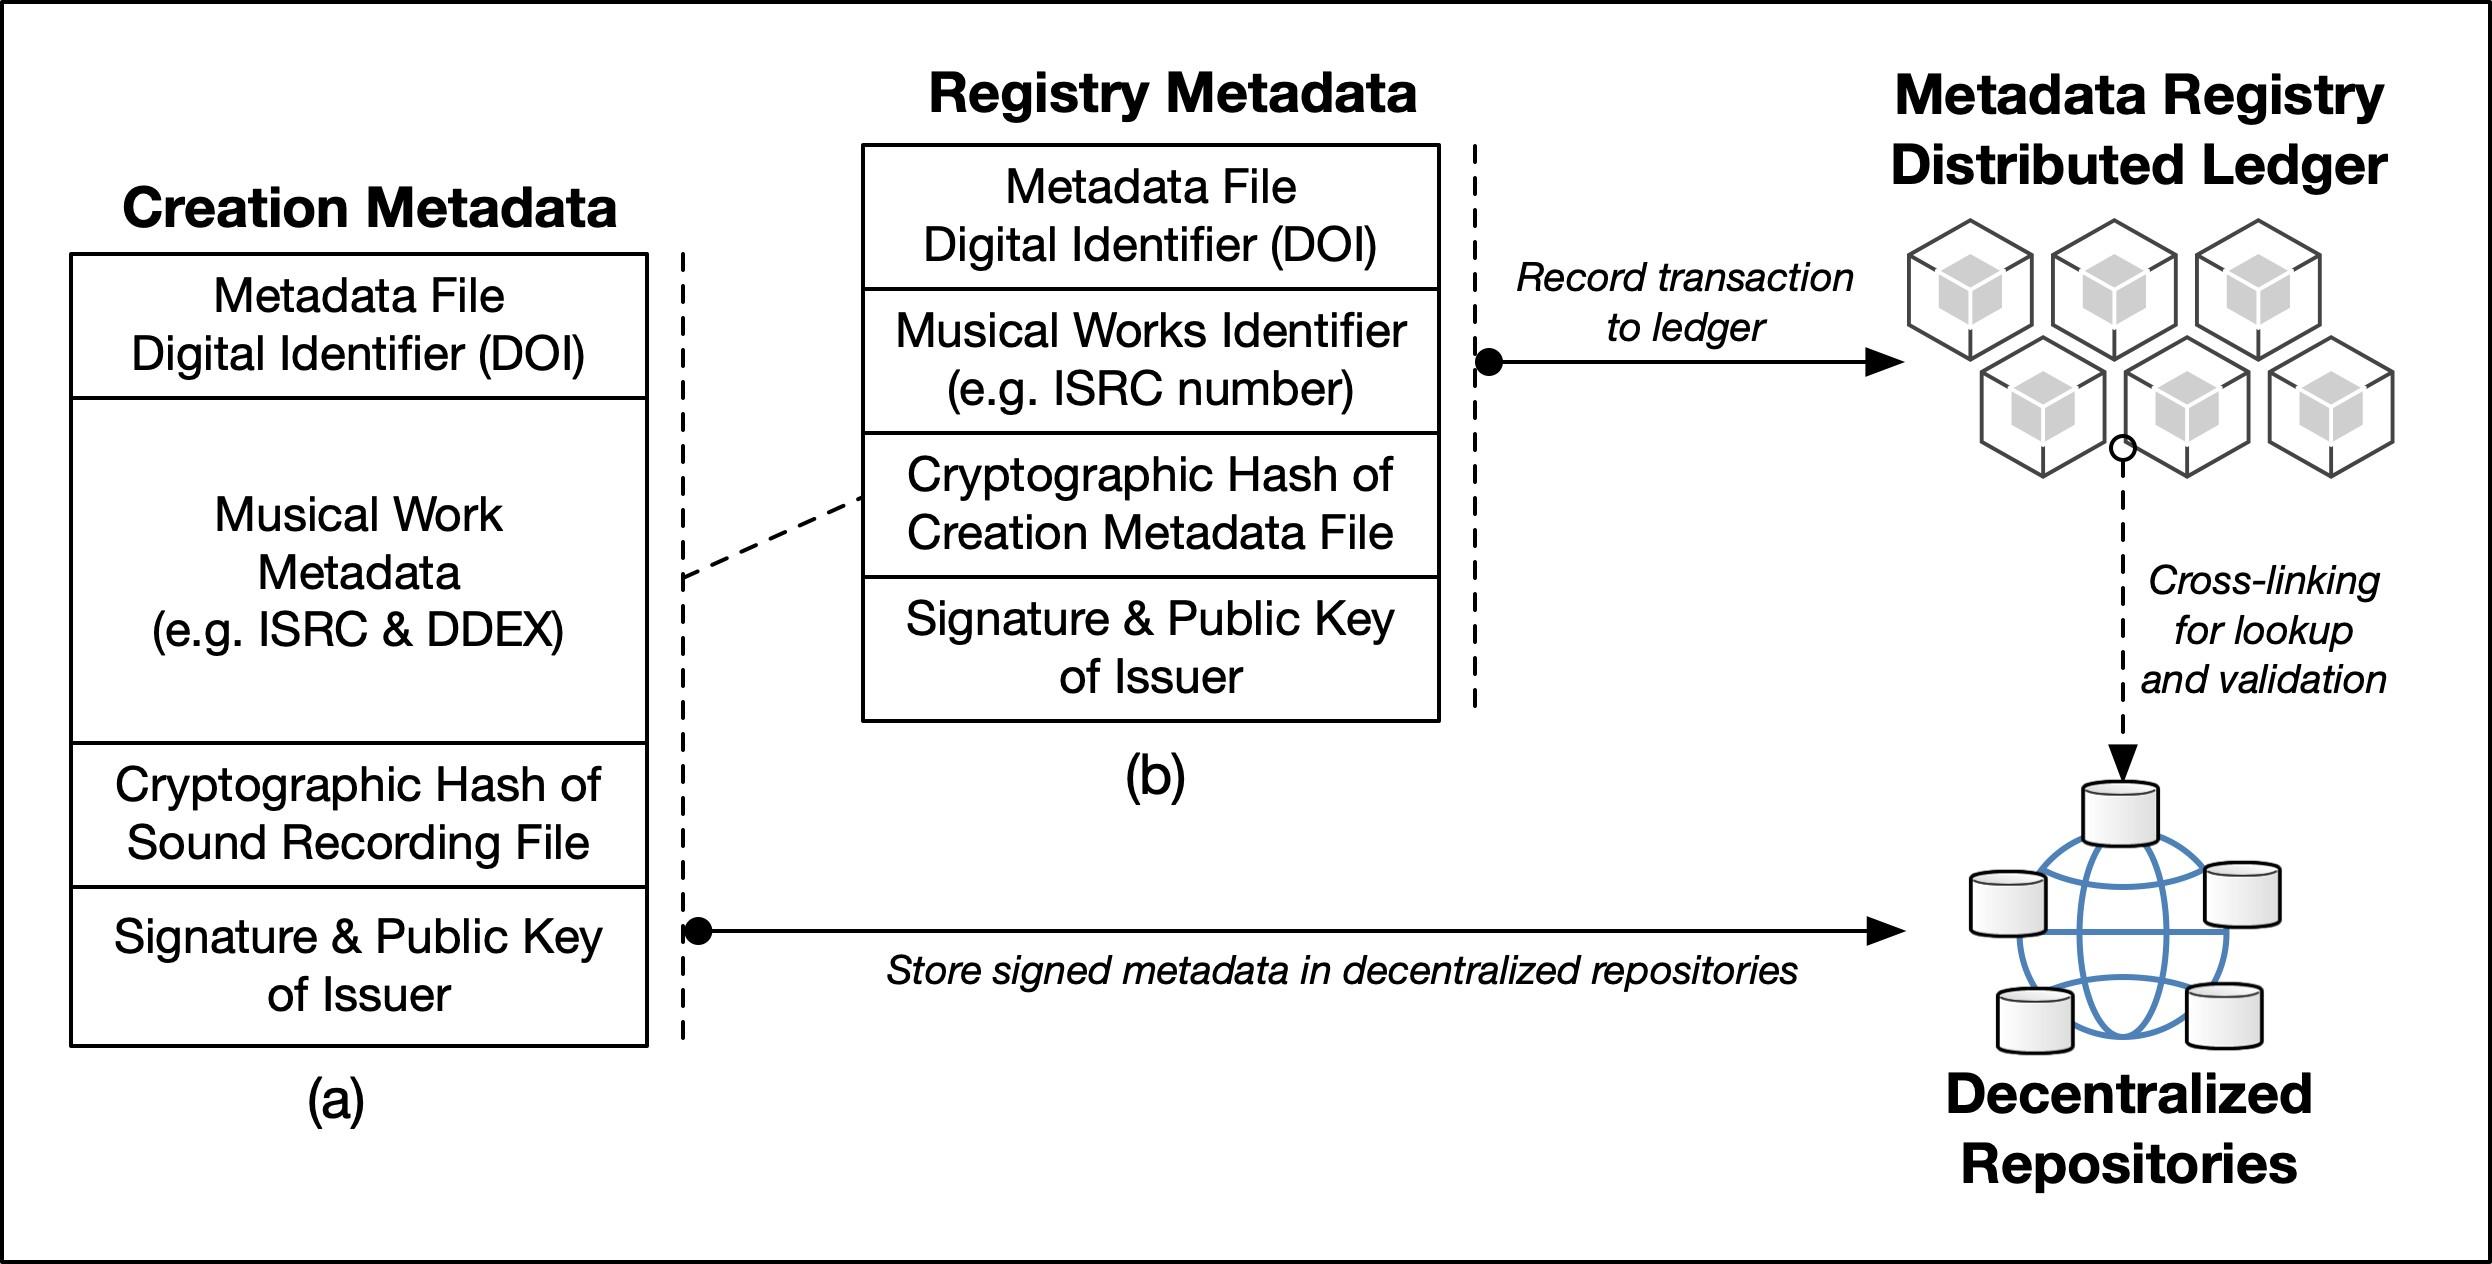 <p>Figure 5: Summary of the creation metadata and registry metadata</p>